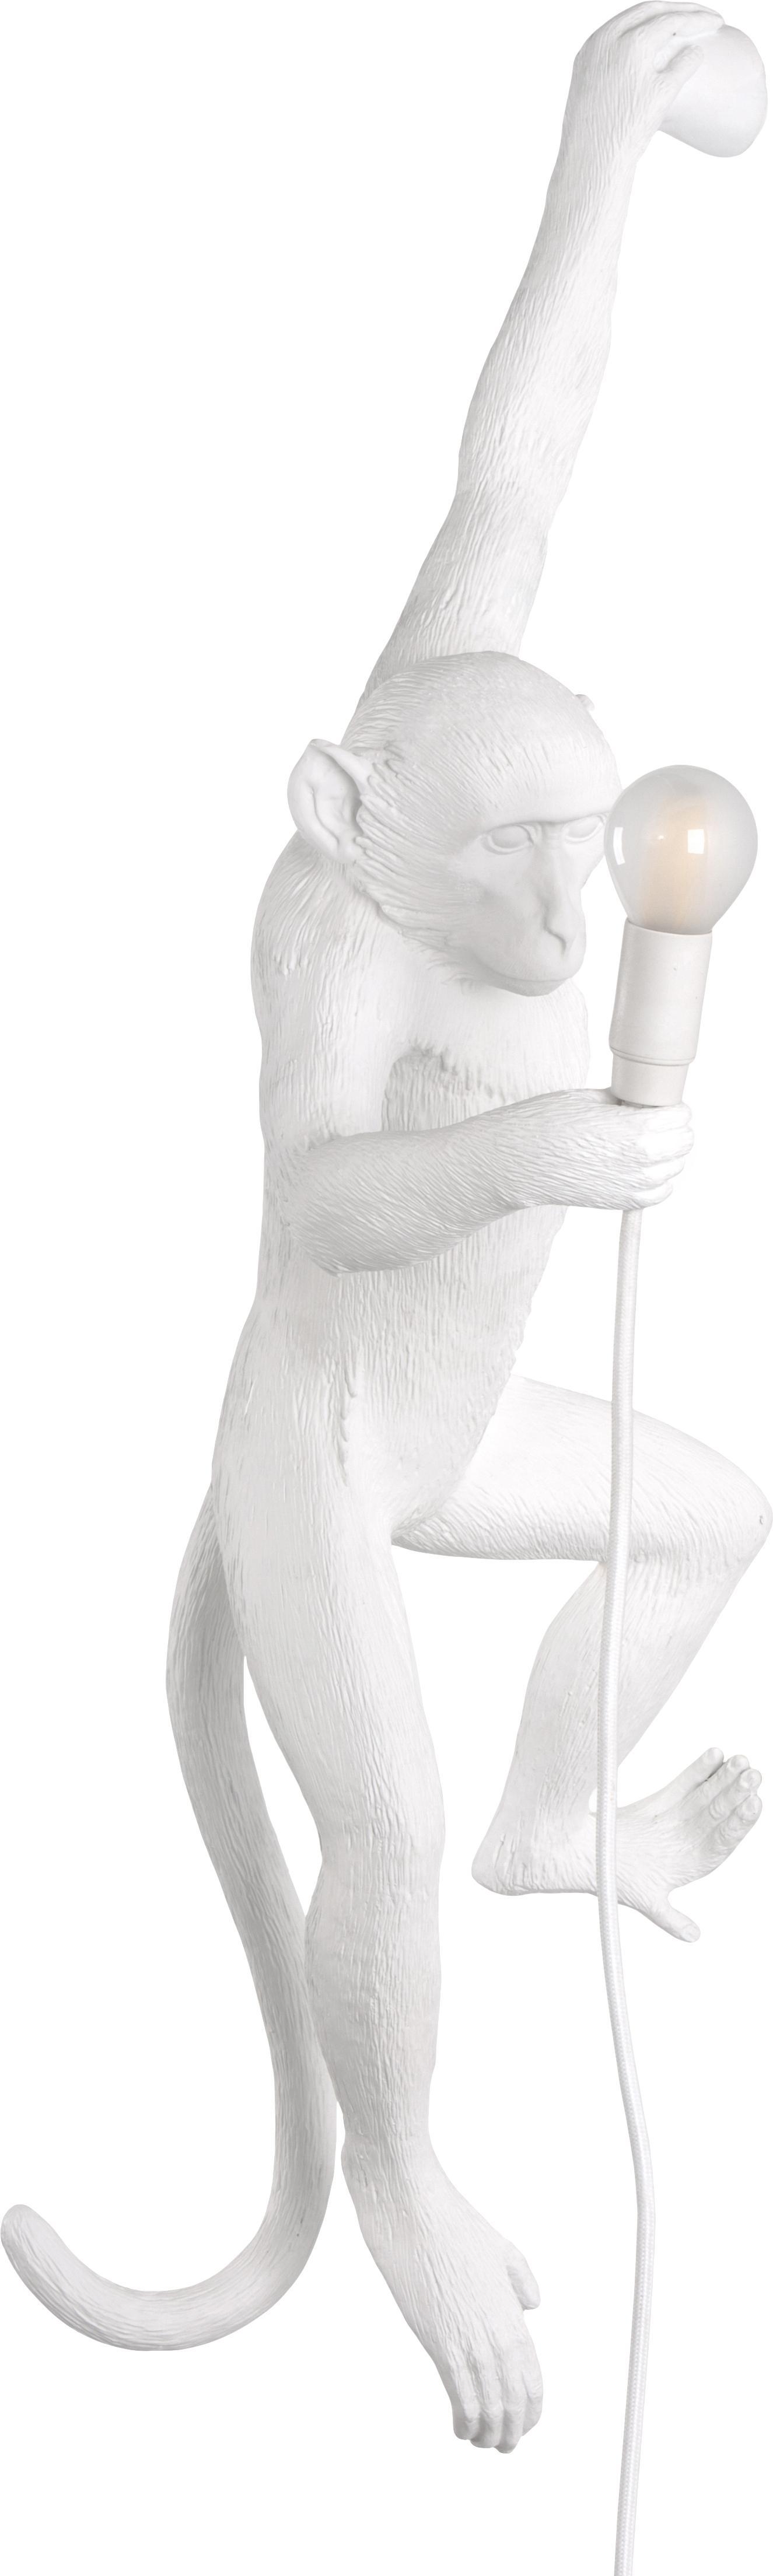 Aplique Monkey con enchufe, Resina, Blanco, An 77 x Al 37 cm